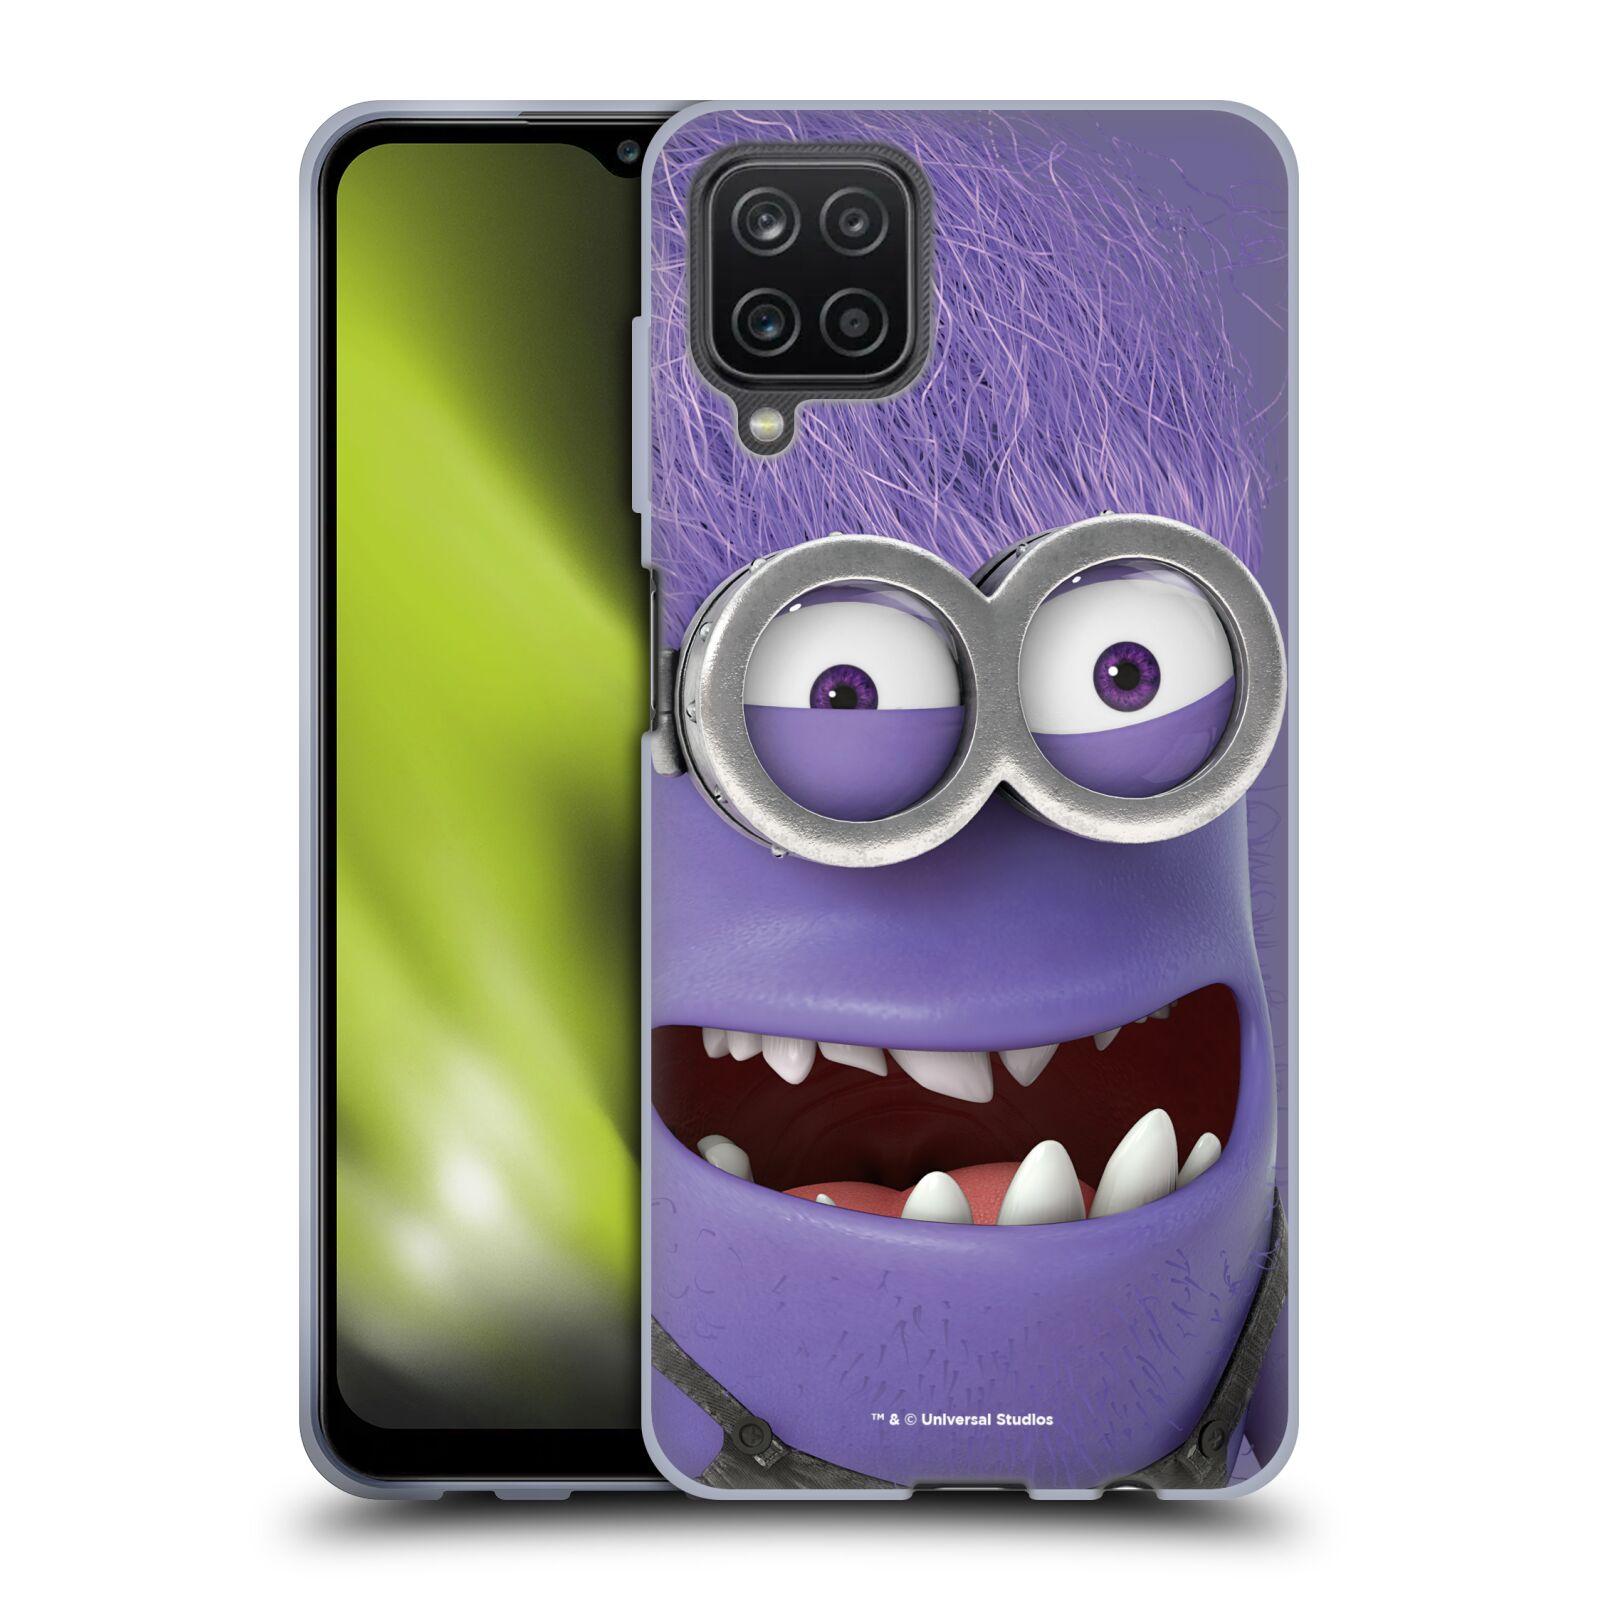 Silikonové pouzdro na mobil Samsung Galaxy A12 - Head Case - Zlý Mimoň z filmu Já, padouch - Despicable Me